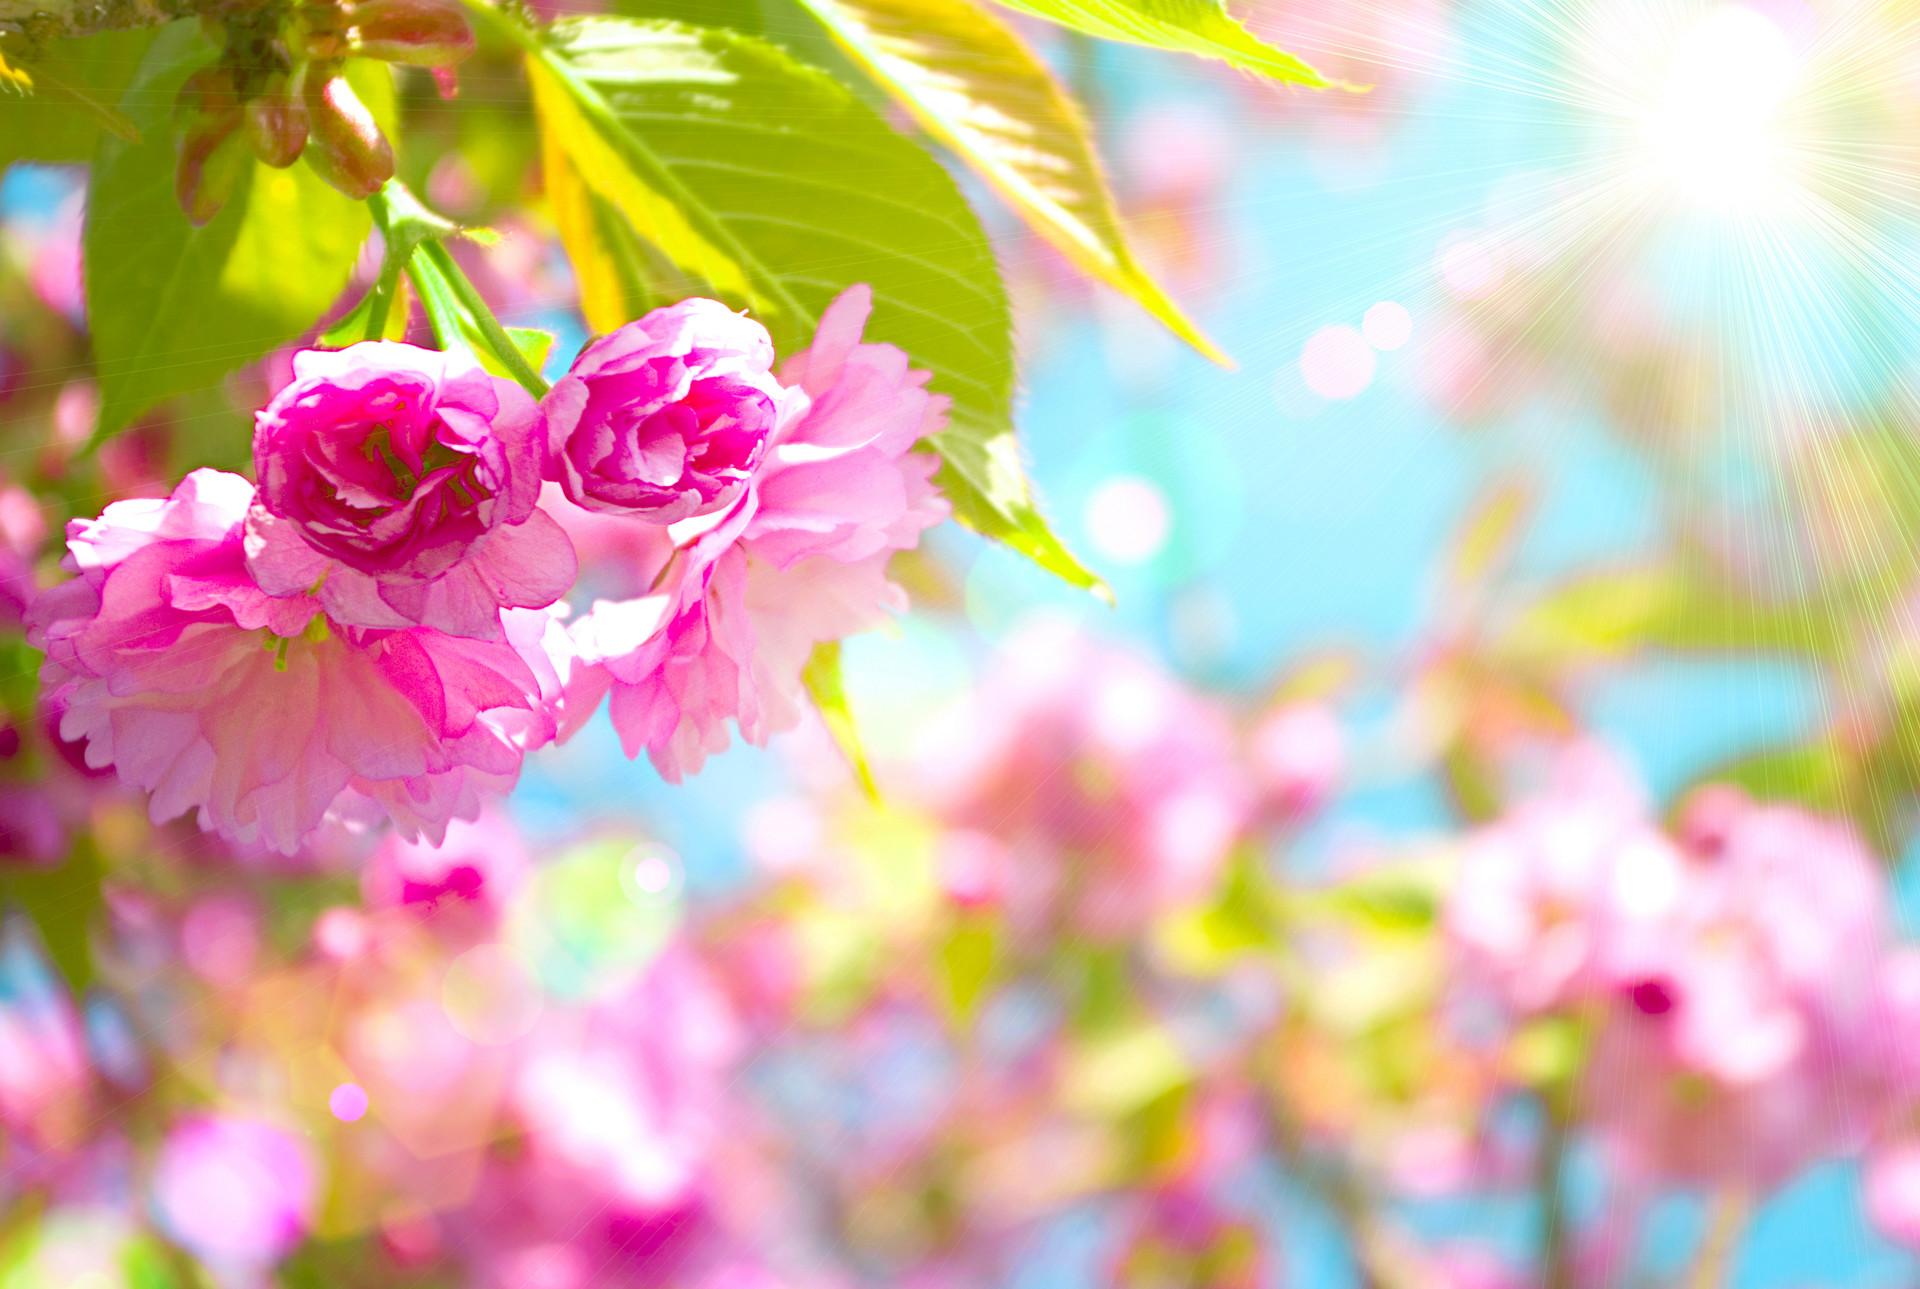 Free Spring Desktop Wallpaper   Spring 79, Free Wallpapers, Free Desktop  Wallpapers, HD